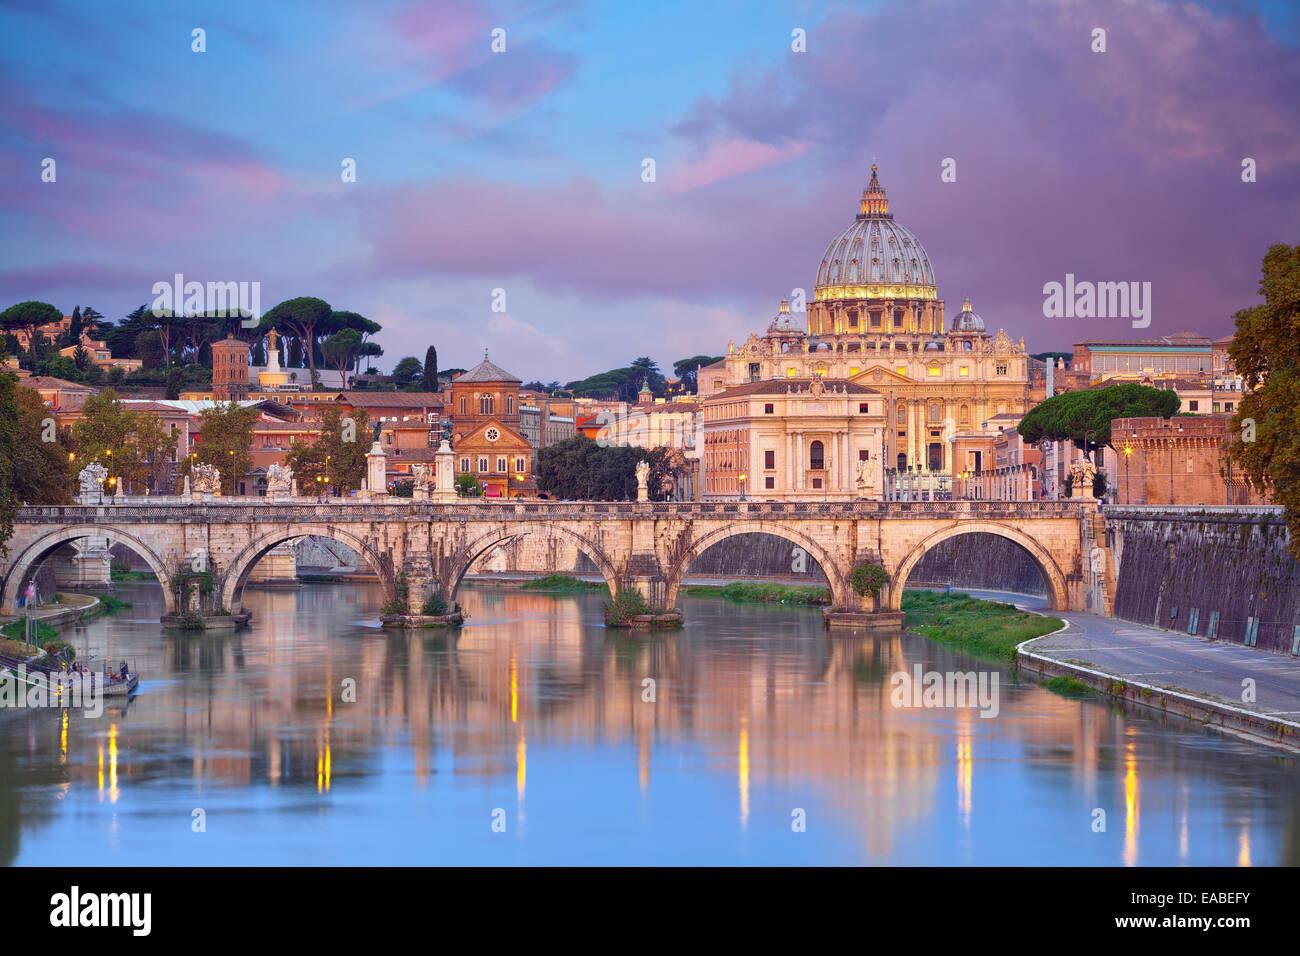 Roma. Vista di Vittorio Emanuele il ponte e la Basilica di San Pietro in Roma, Italia durante la bellissima alba. Immagini Stock